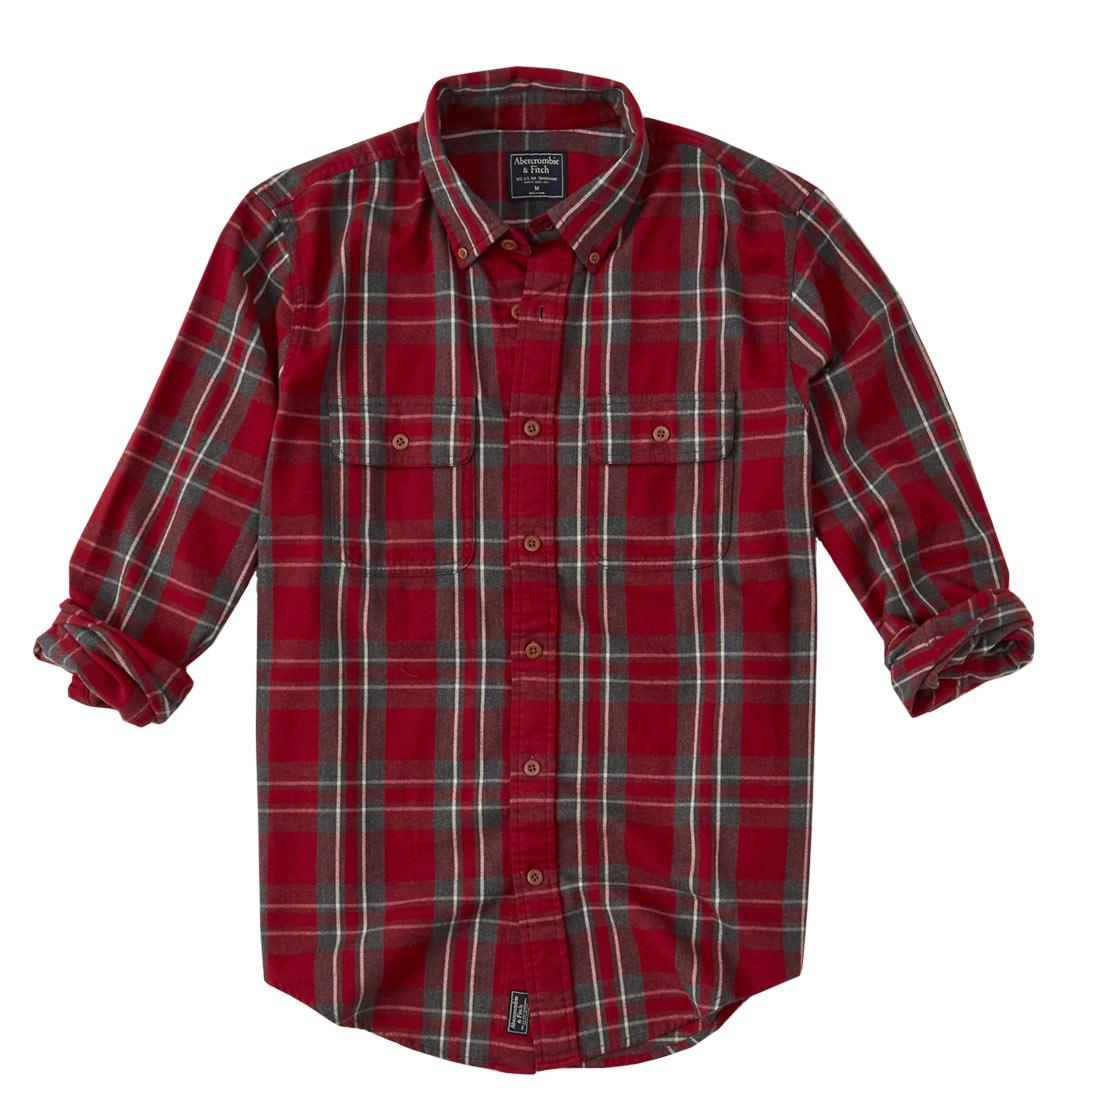 アバクロ ネルシャツ